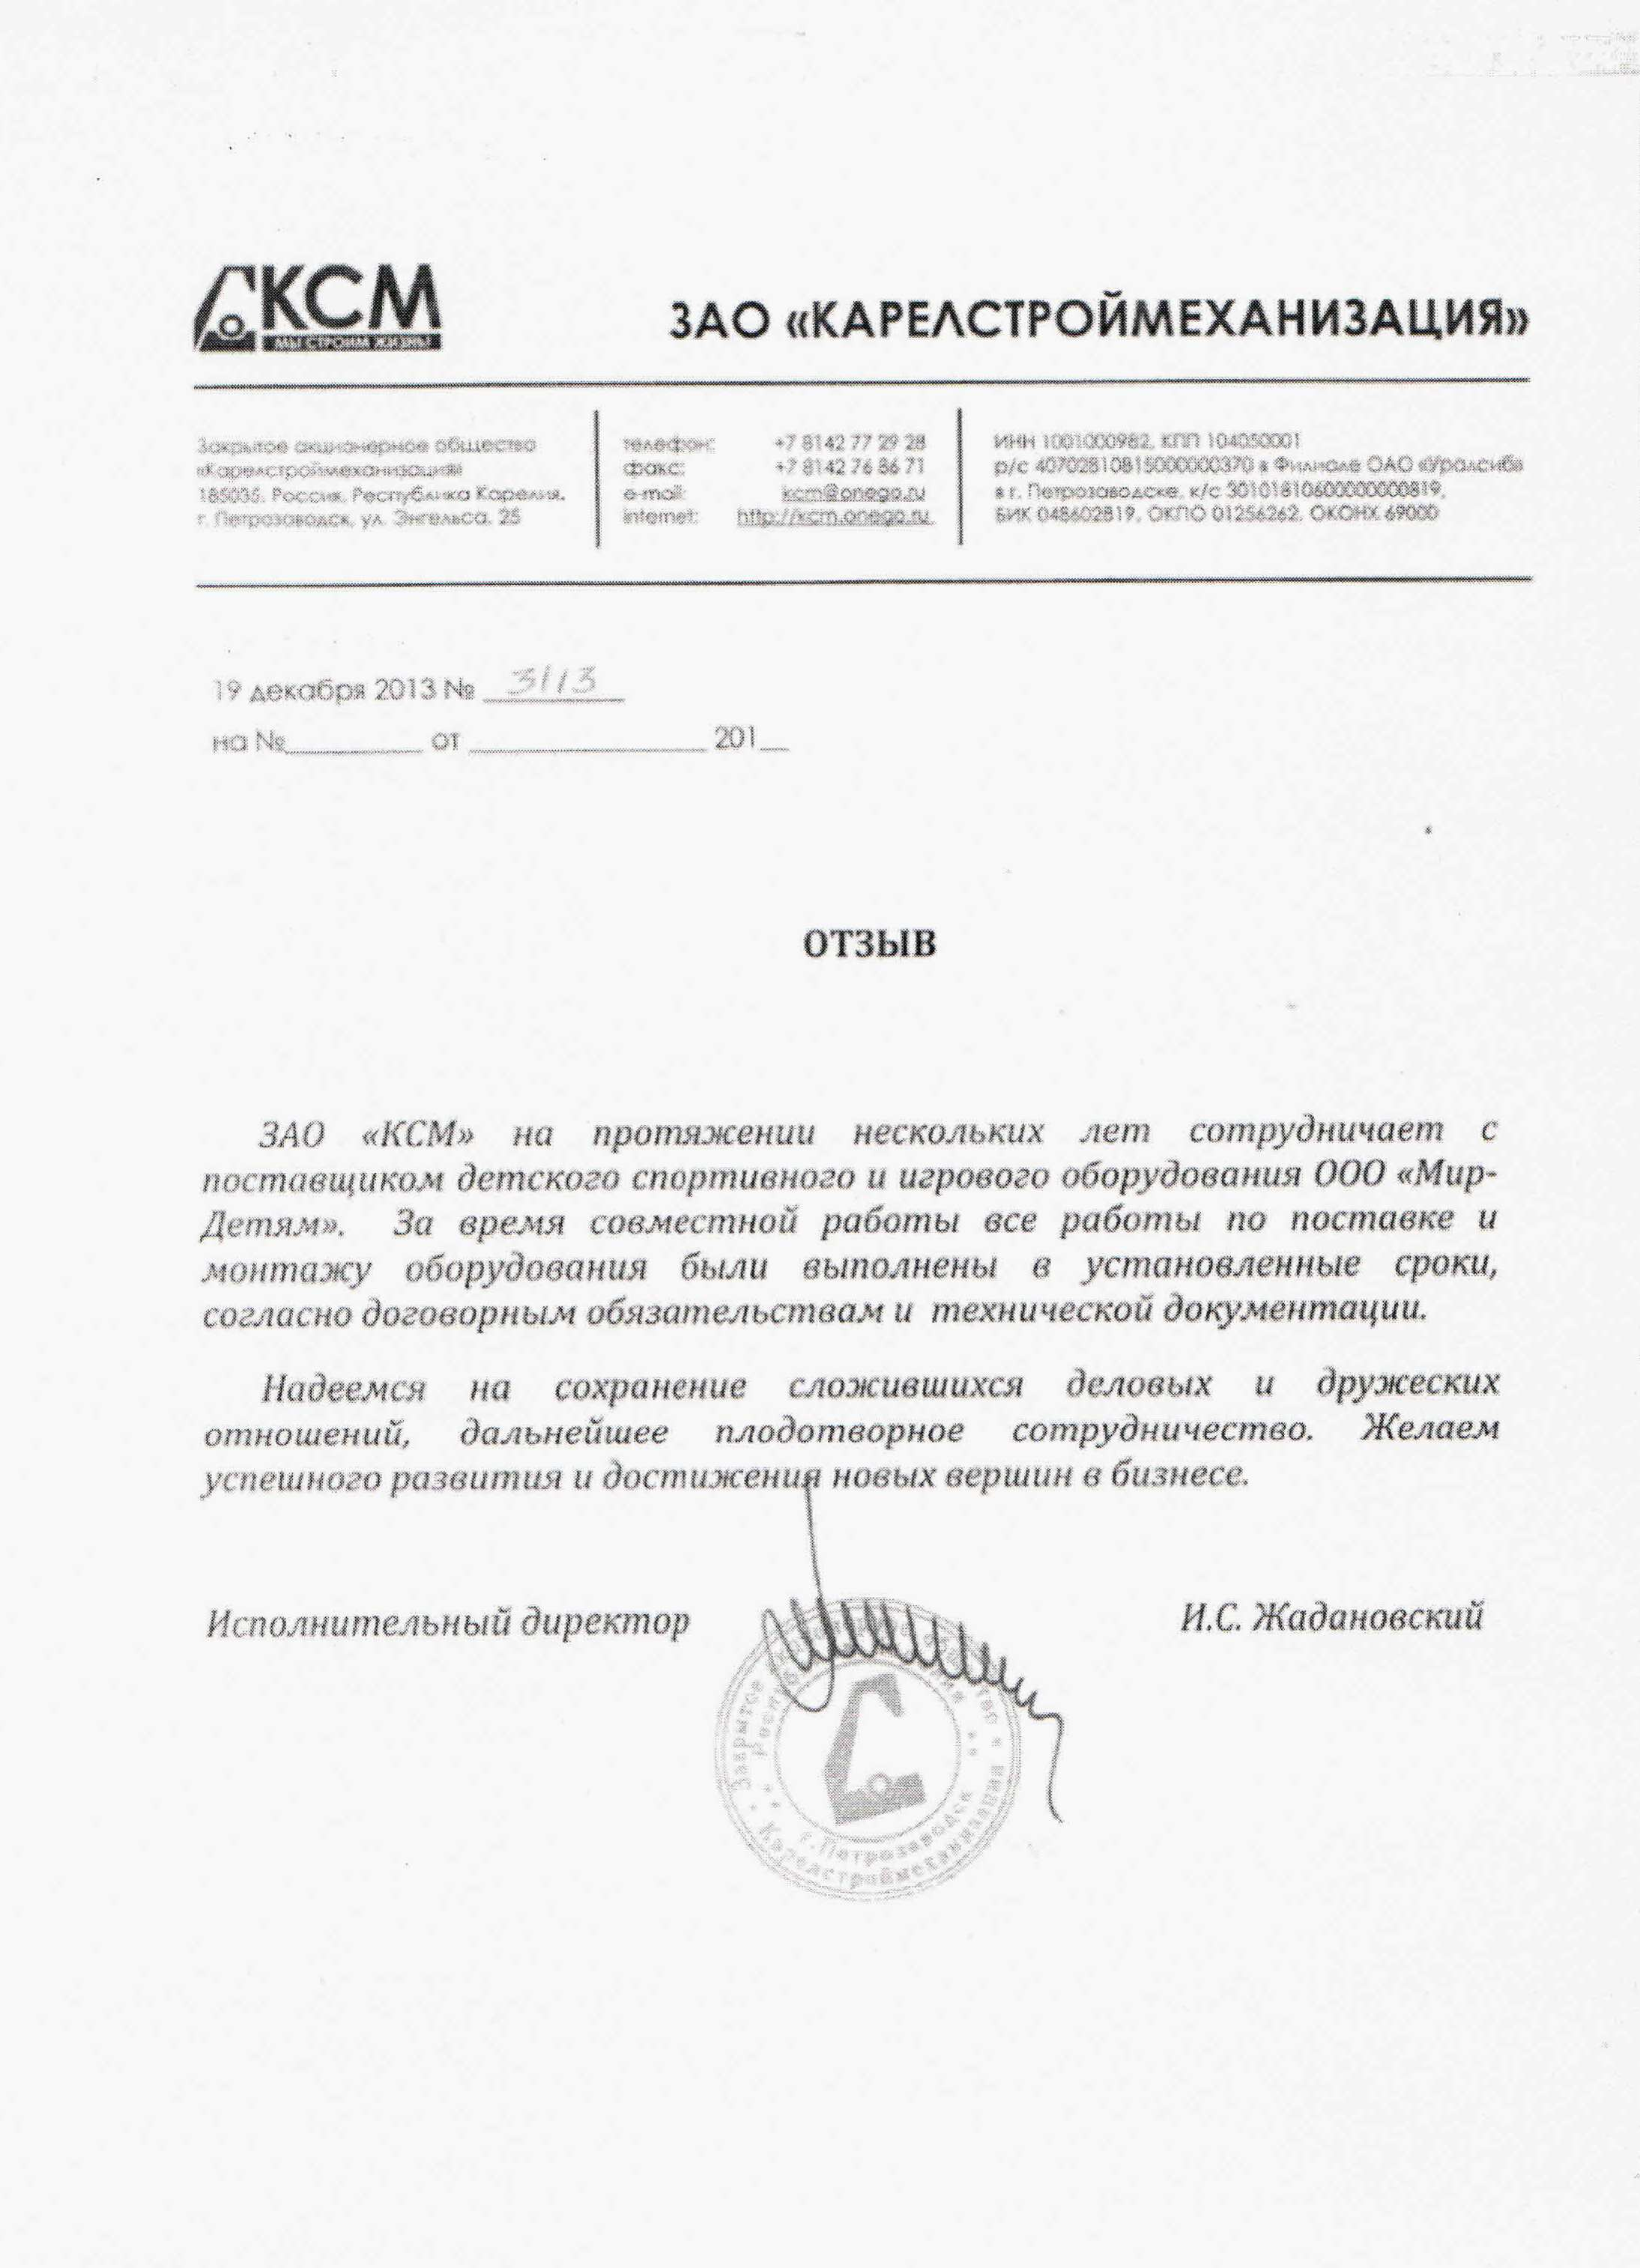 Отзыв от ЗАО «Карелстроймеханизация»